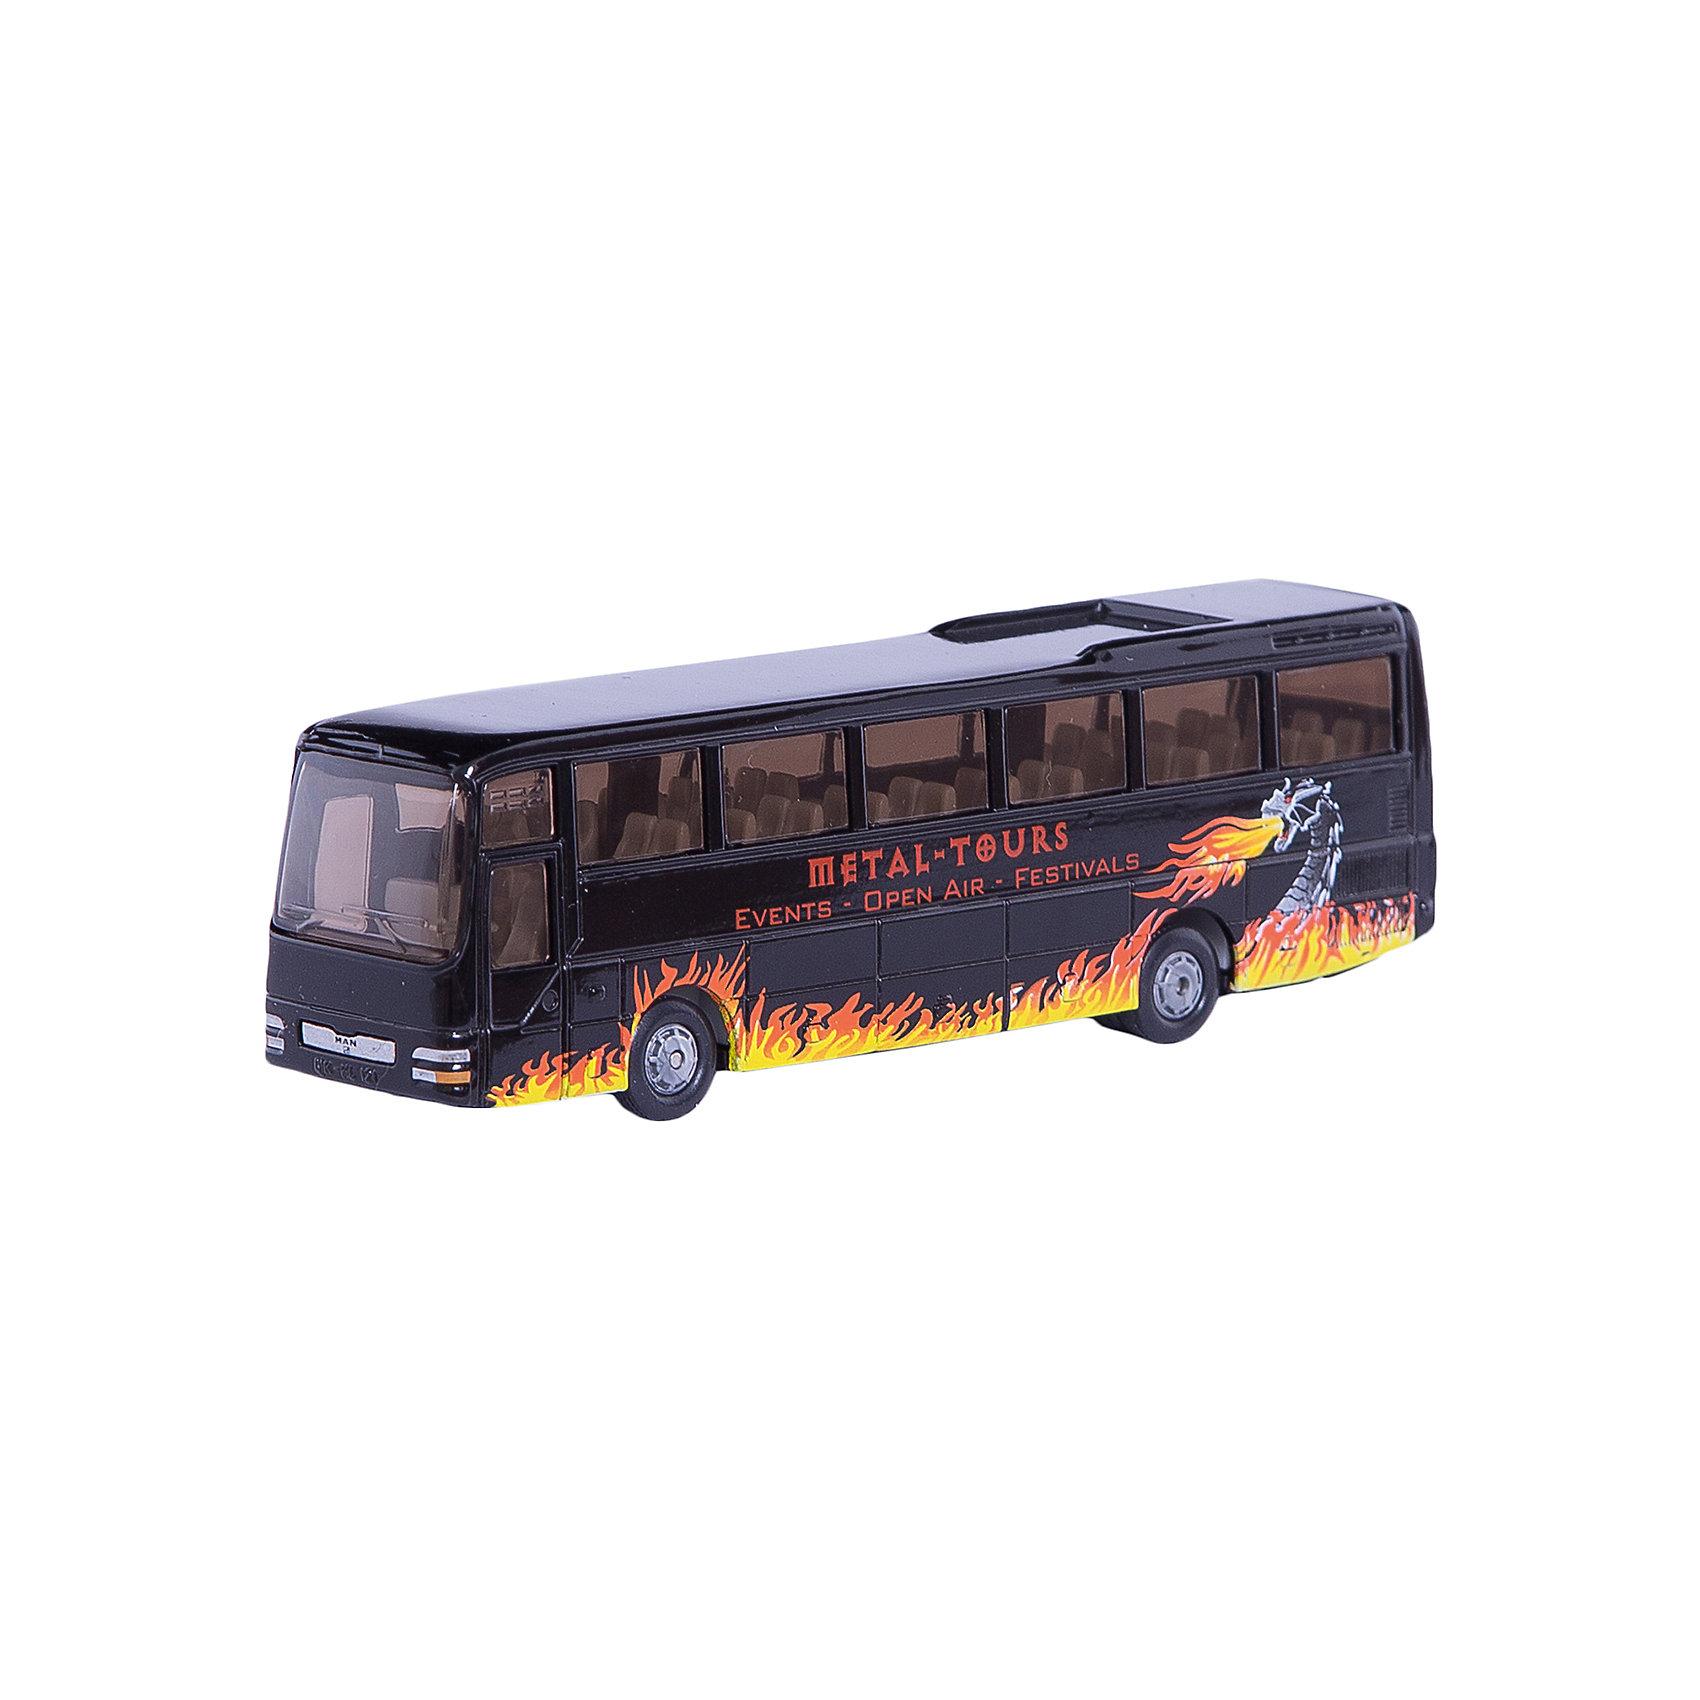 SIKU 1624 Туристический автобус MAN 1:87SIKU (СИКУ) 1624 Туристический автобус MAN 1:87<br><br>Корпус выполнен из металла, стёкла из прозрачной тонированной пластмассы, колёса выполнены из резины и вращаются, можно катать.<br><br>Дополнительная информация:<br>-Материал: металл с элементами пластмассы<br>-Размер игрушки: 13,8 x 29,5 x 4,1 см<br>-Масштаб: 1:87<br><br>Игрушечная модель туристический автобус MAN отлично дополнит коллекцию миниатюр вашего ребенка.<br><br>SIKU (СИКУ) 1624 Туристический автобус MAN 1:87 можно купить в нашем магазине.<br><br>Ширина мм: 195<br>Глубина мм: 78<br>Высота мм: 35<br>Вес г: 153<br>Возраст от месяцев: 36<br>Возраст до месяцев: 96<br>Пол: Мужской<br>Возраст: Детский<br>SKU: 1439861